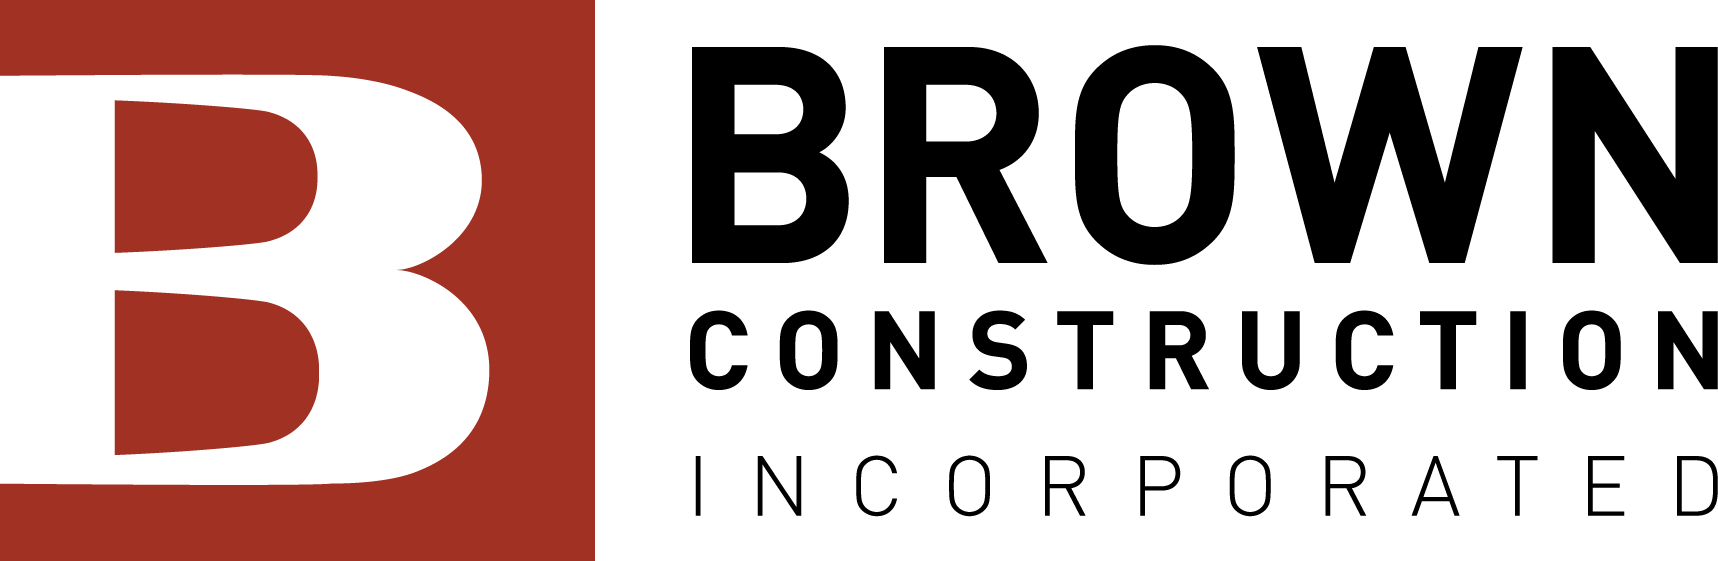 Brown Construction logo 2018